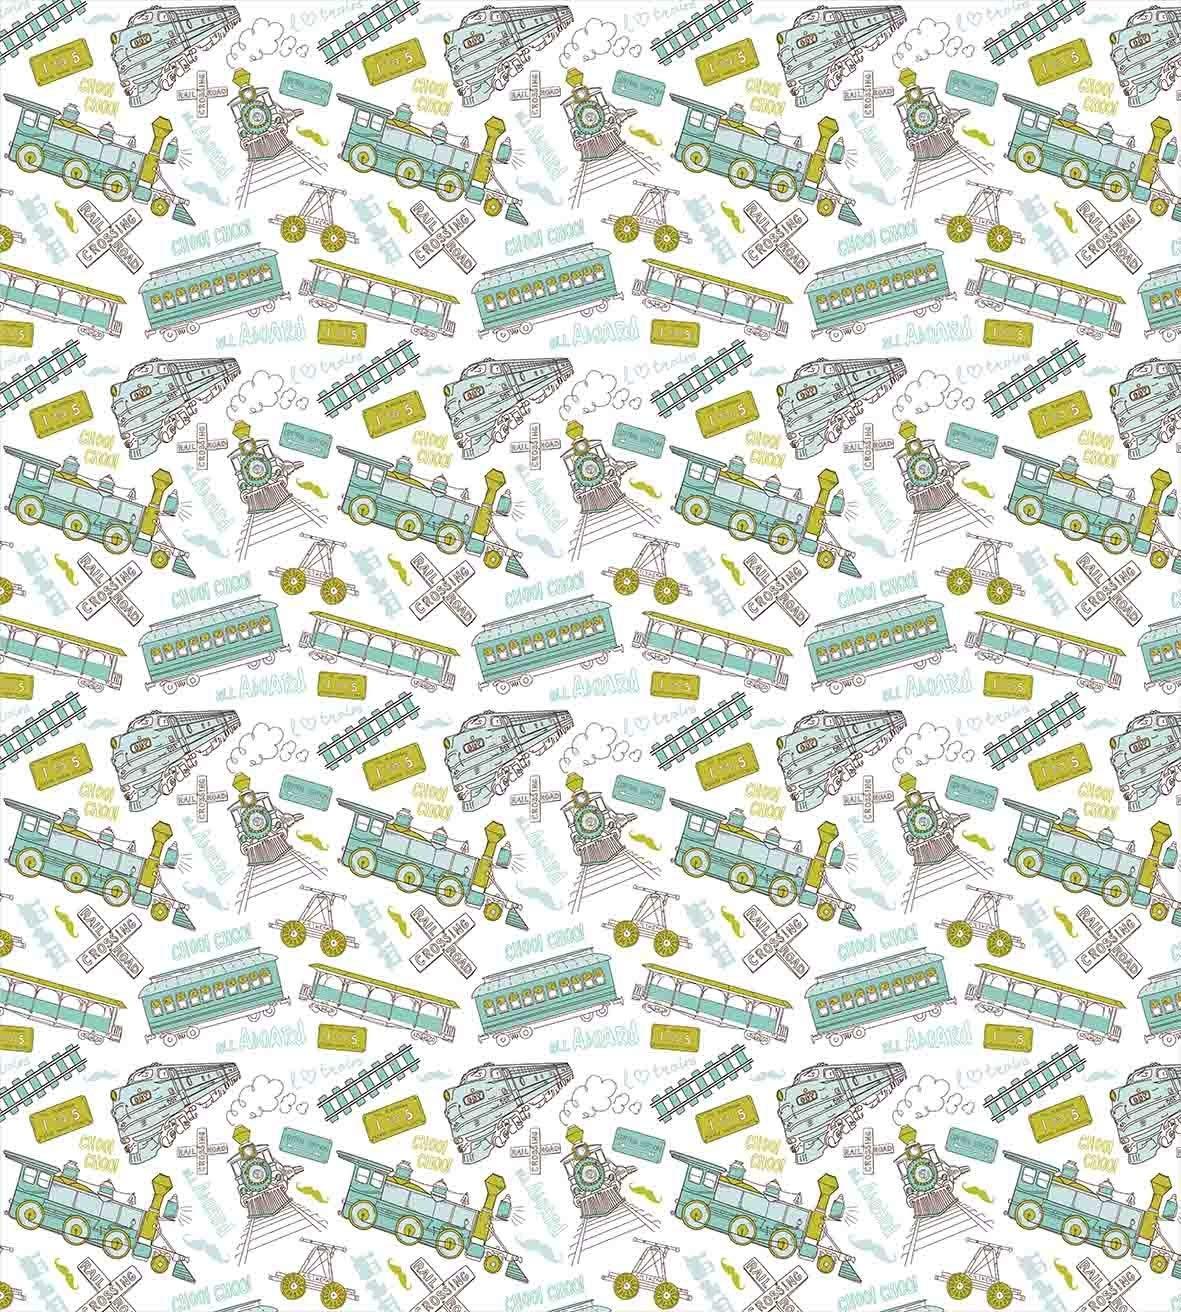 Motore a vapore, Set Copripiumino, Choo Choo Train Bambini Boy Modello Blu Verde Numero di Targa D'epoca, decorativo 4 pezzo Set di Biancheria Da Letto - 2